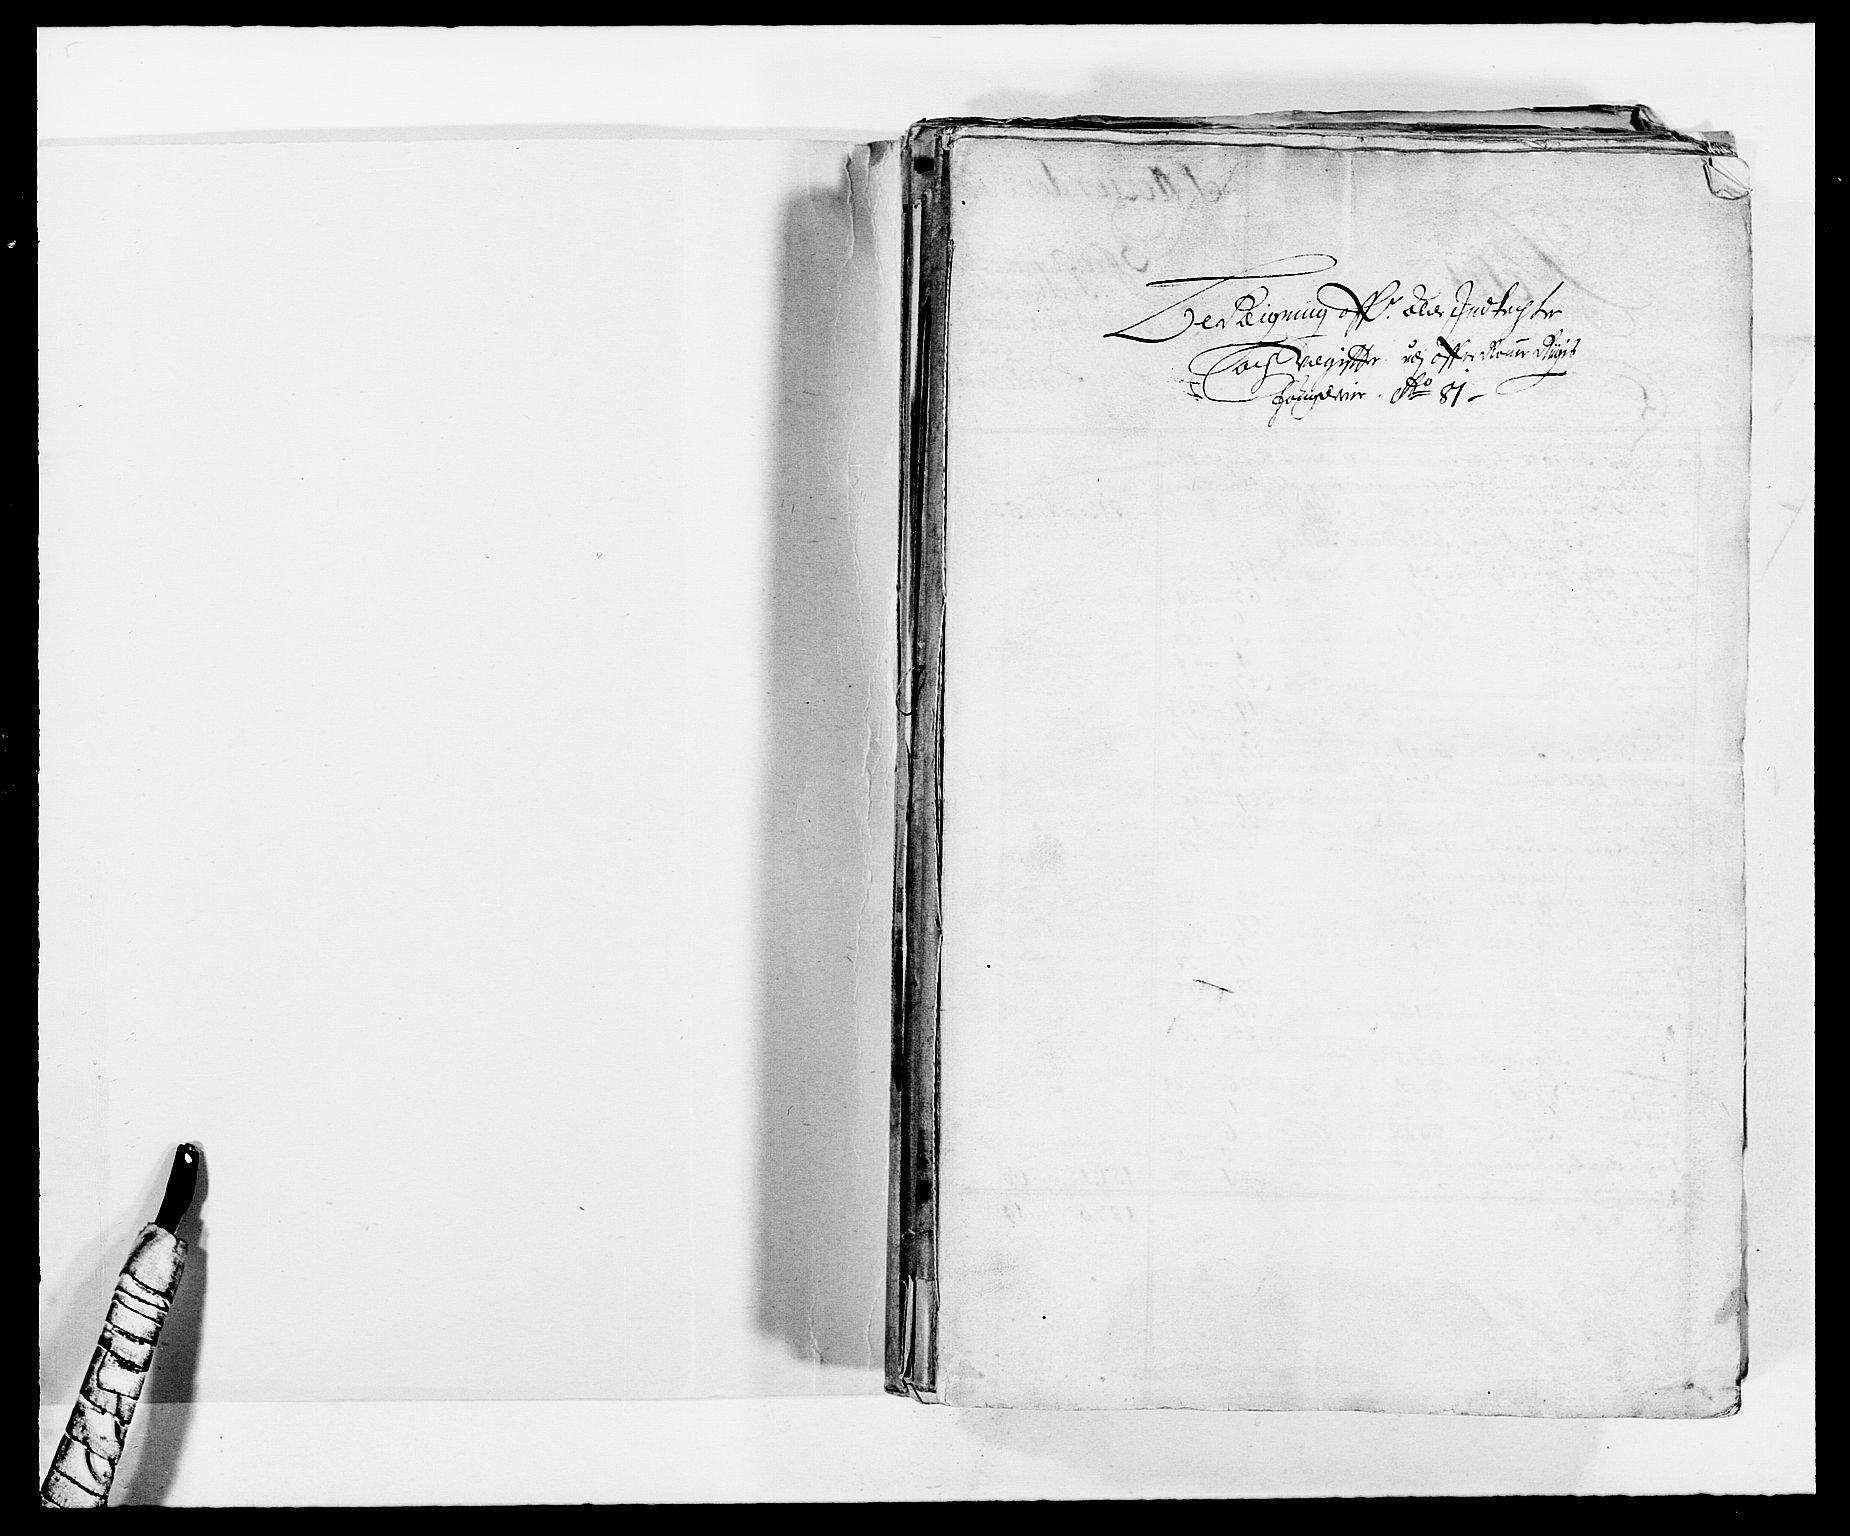 RA, Rentekammeret inntil 1814, Reviderte regnskaper, Fogderegnskap, R12/L0696: Fogderegnskap Øvre Romerike, 1681, s. 2